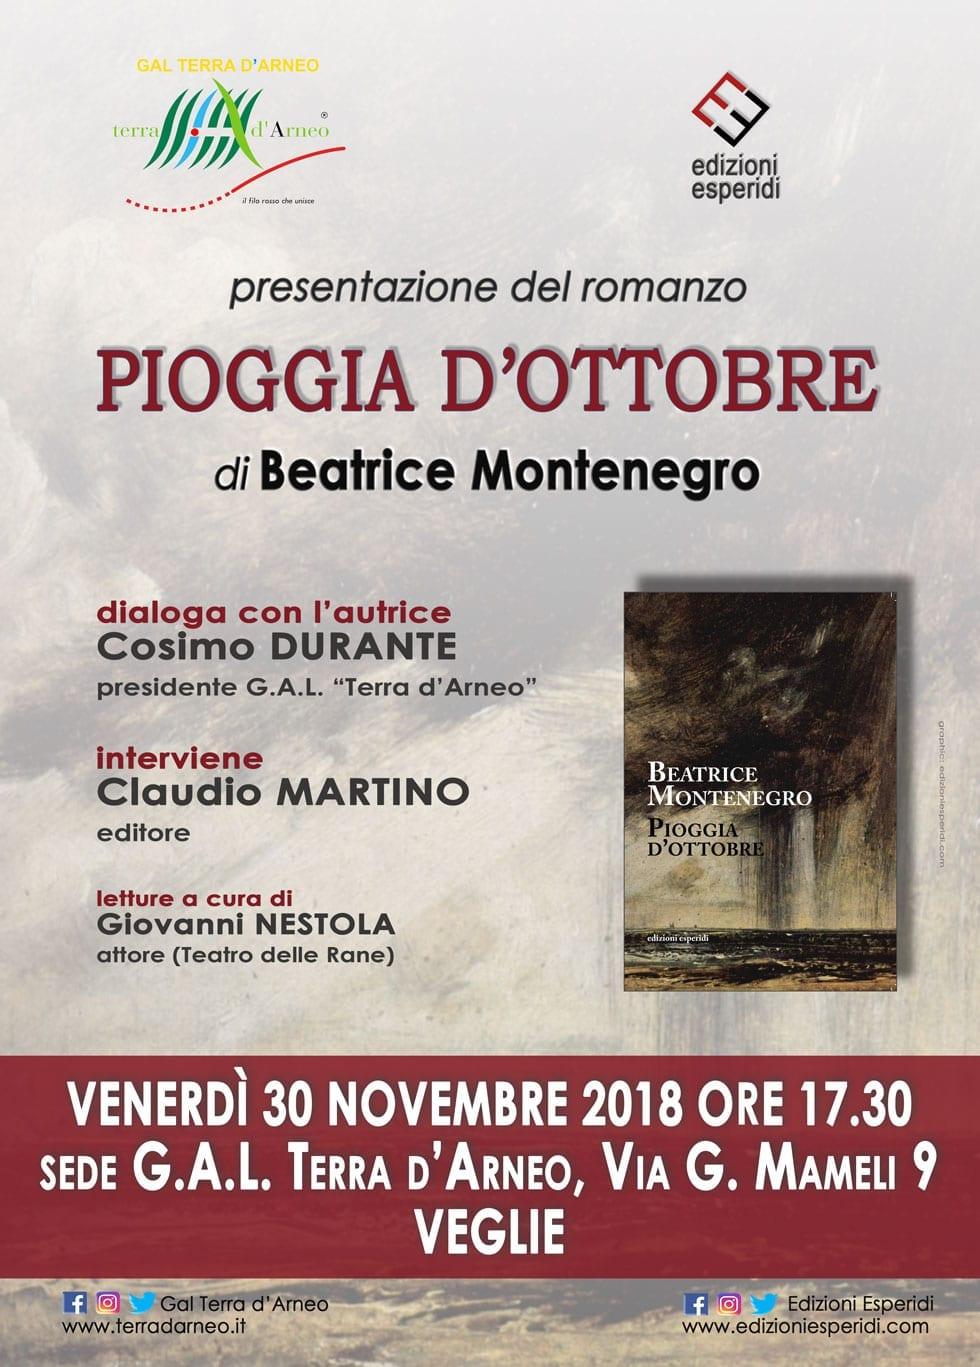 """""""Pioggia d'Ottobre"""" - Si presenta al GAL Terra d'Arneo il romanzo di Beatrice Montenegro"""